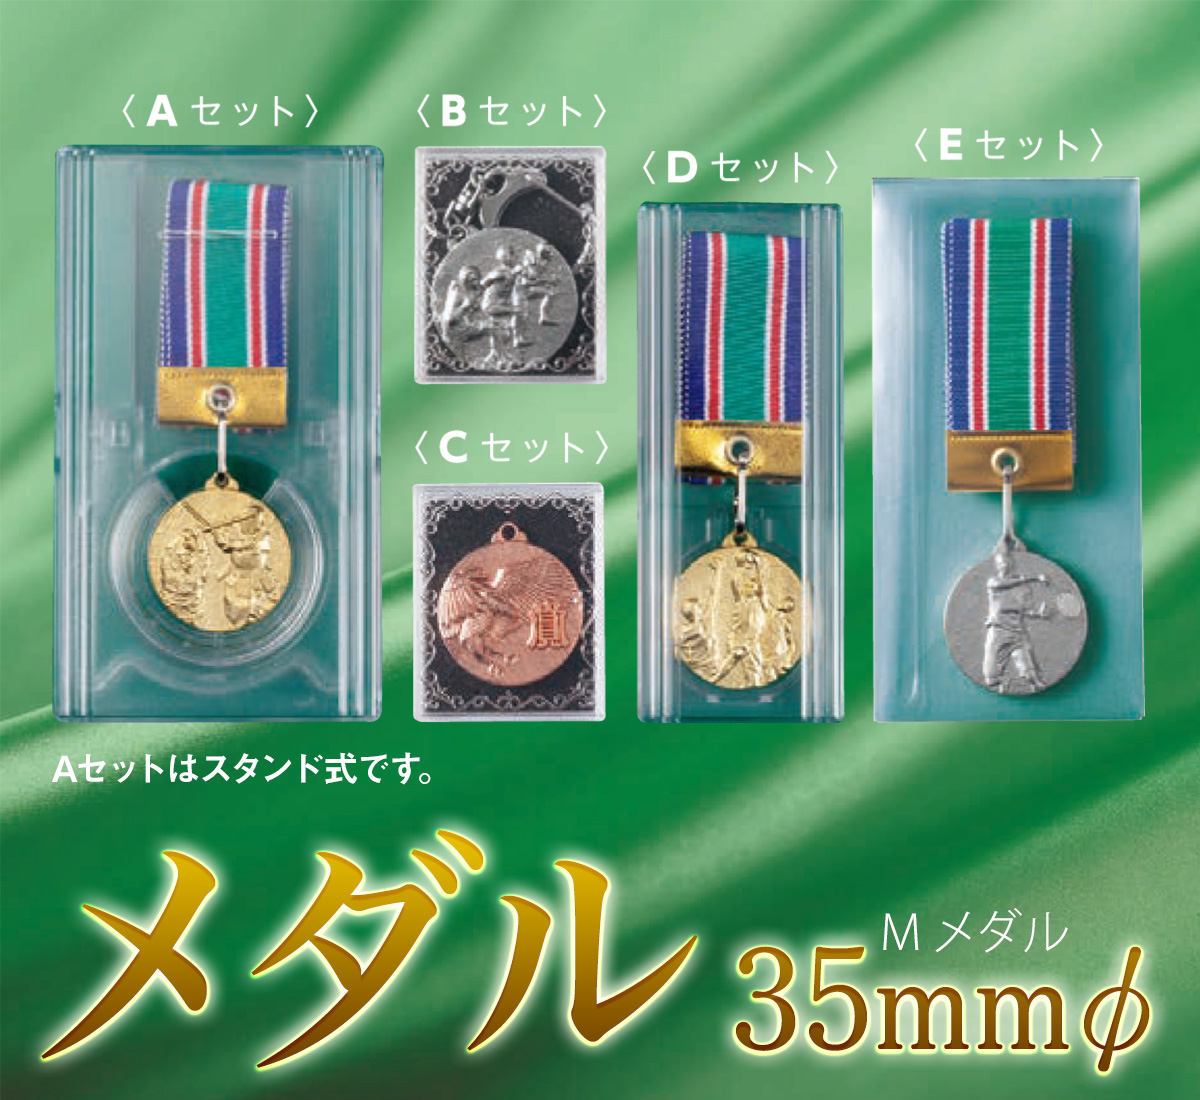 メダル 35mmφ Mメダル画像